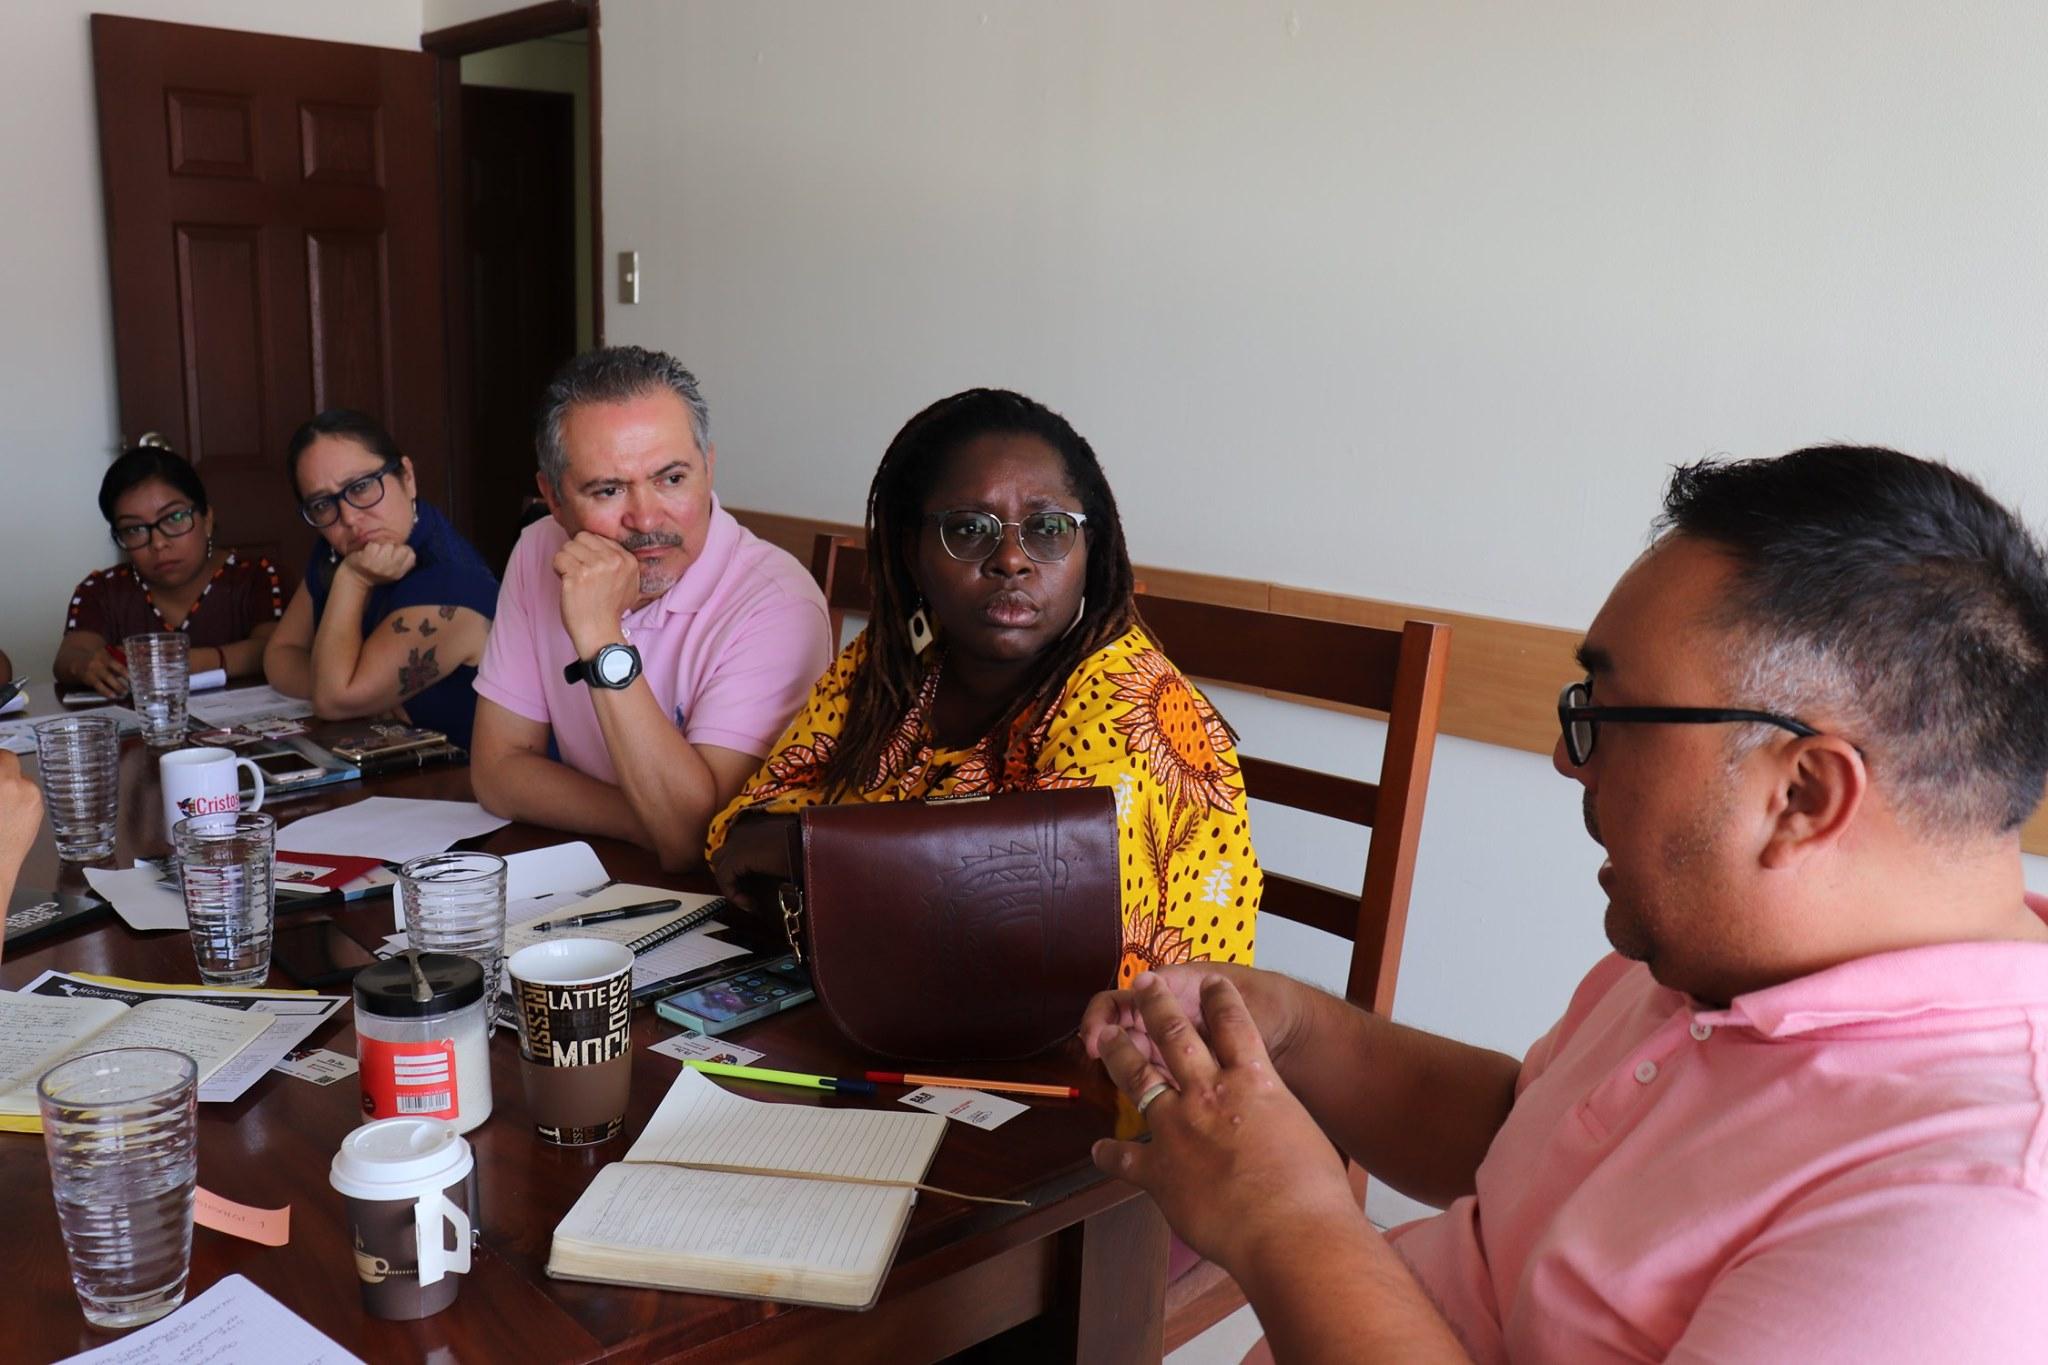 Oscar Chacón en reunión sobre el estado judicial de casos clave de derechos humanos y desplazamiento forzado en Ciudad de Guatemala. Foto: Alianza Américas.